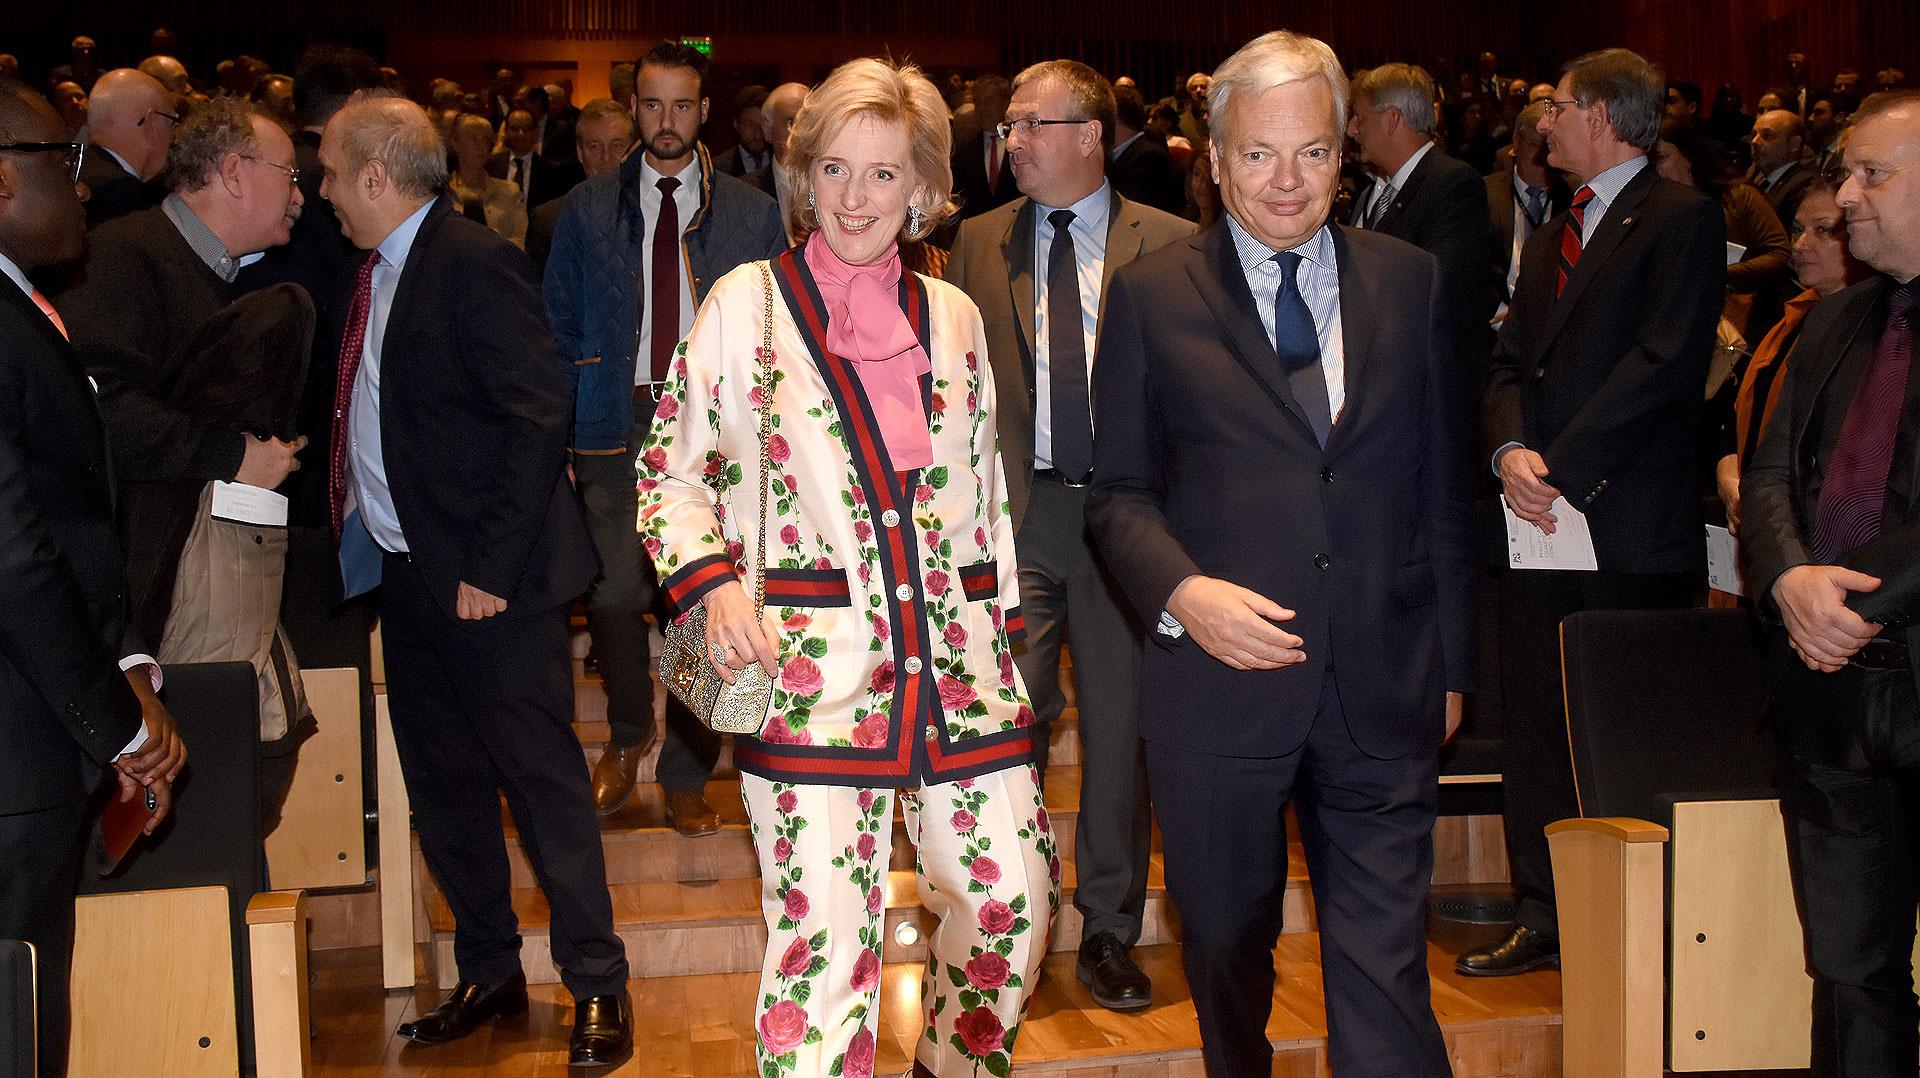 La llegada de la princesa Astrid de Bélgica al Centro Cultural Kirchner junto a Didier Reynders, viceprimer ministro Federal y ministro de Relaciones Exteriores y Asuntos Europeos